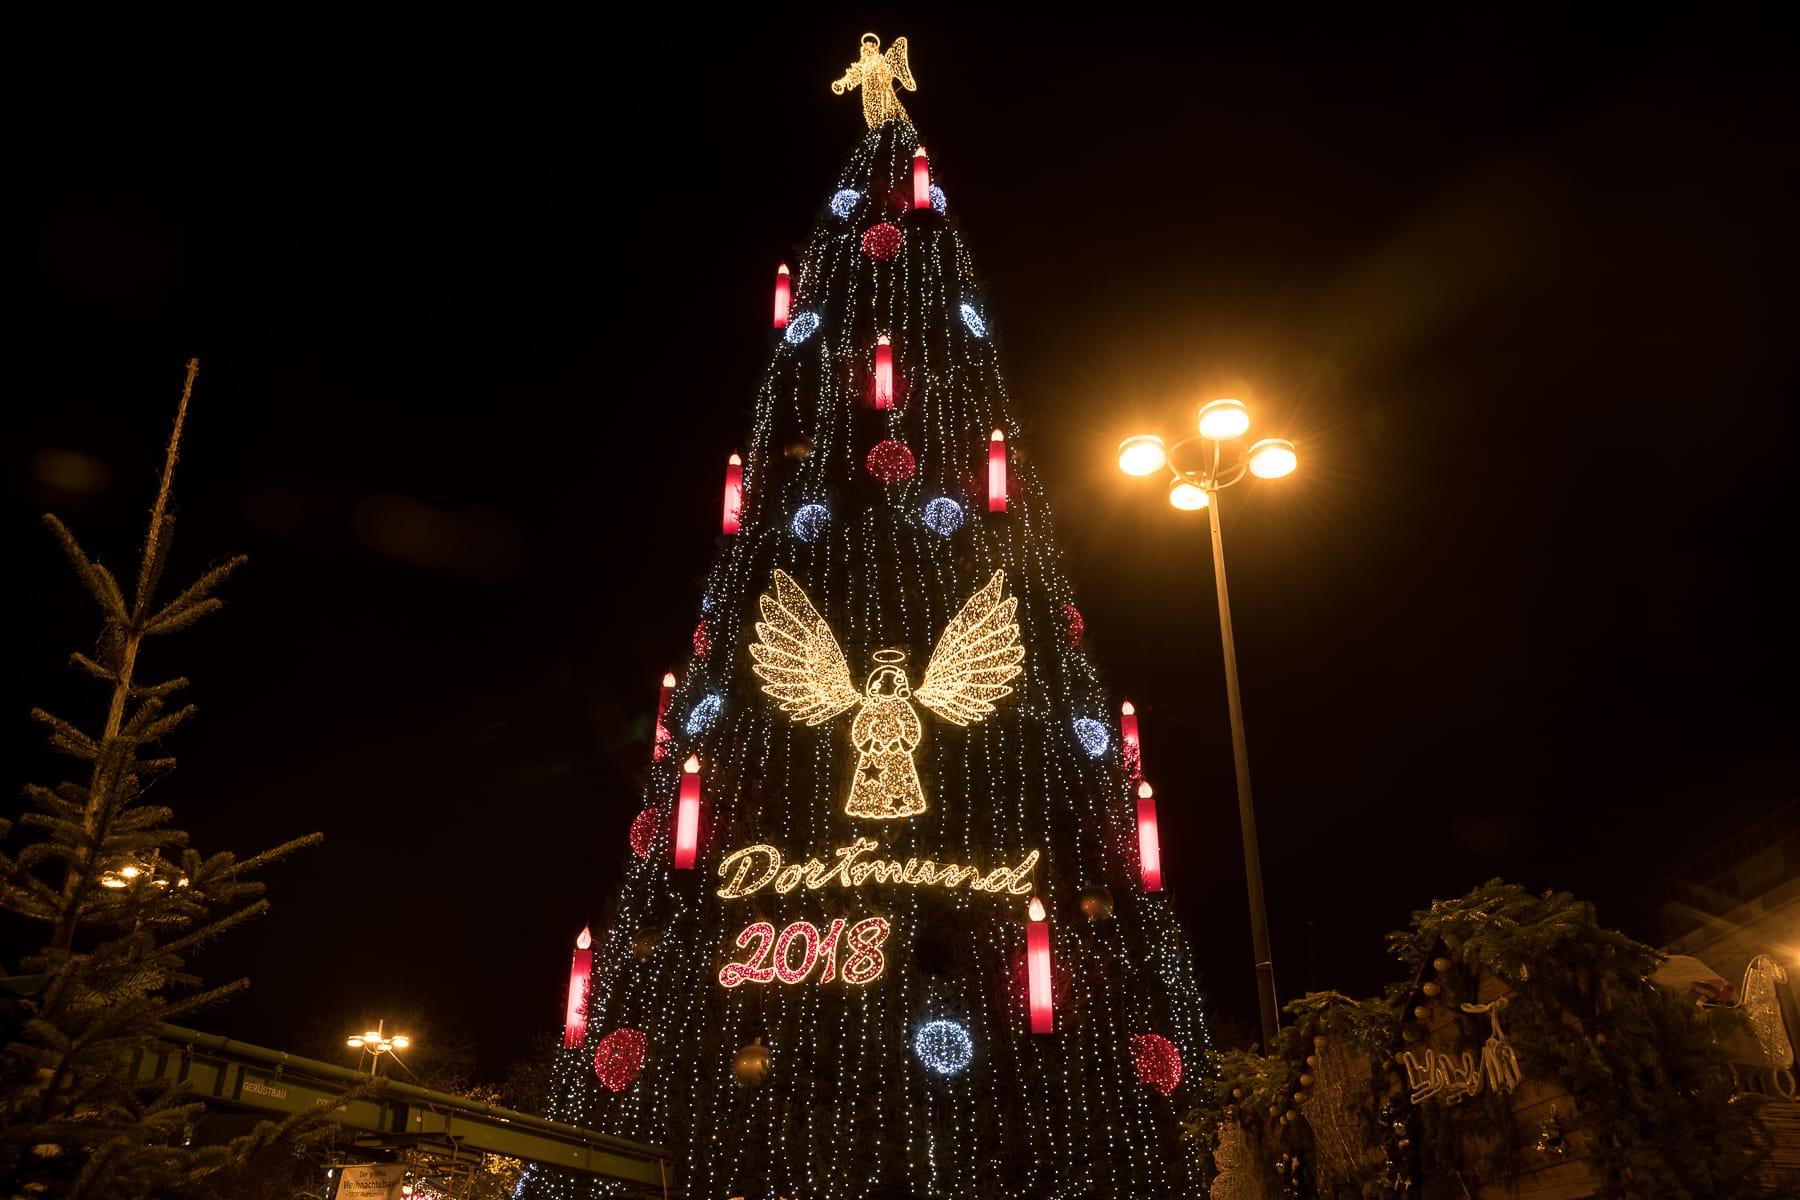 Dortmund Weihnachtsbaum.Dortmund Hat Den Größten Weihnachtsbaum Update 2018